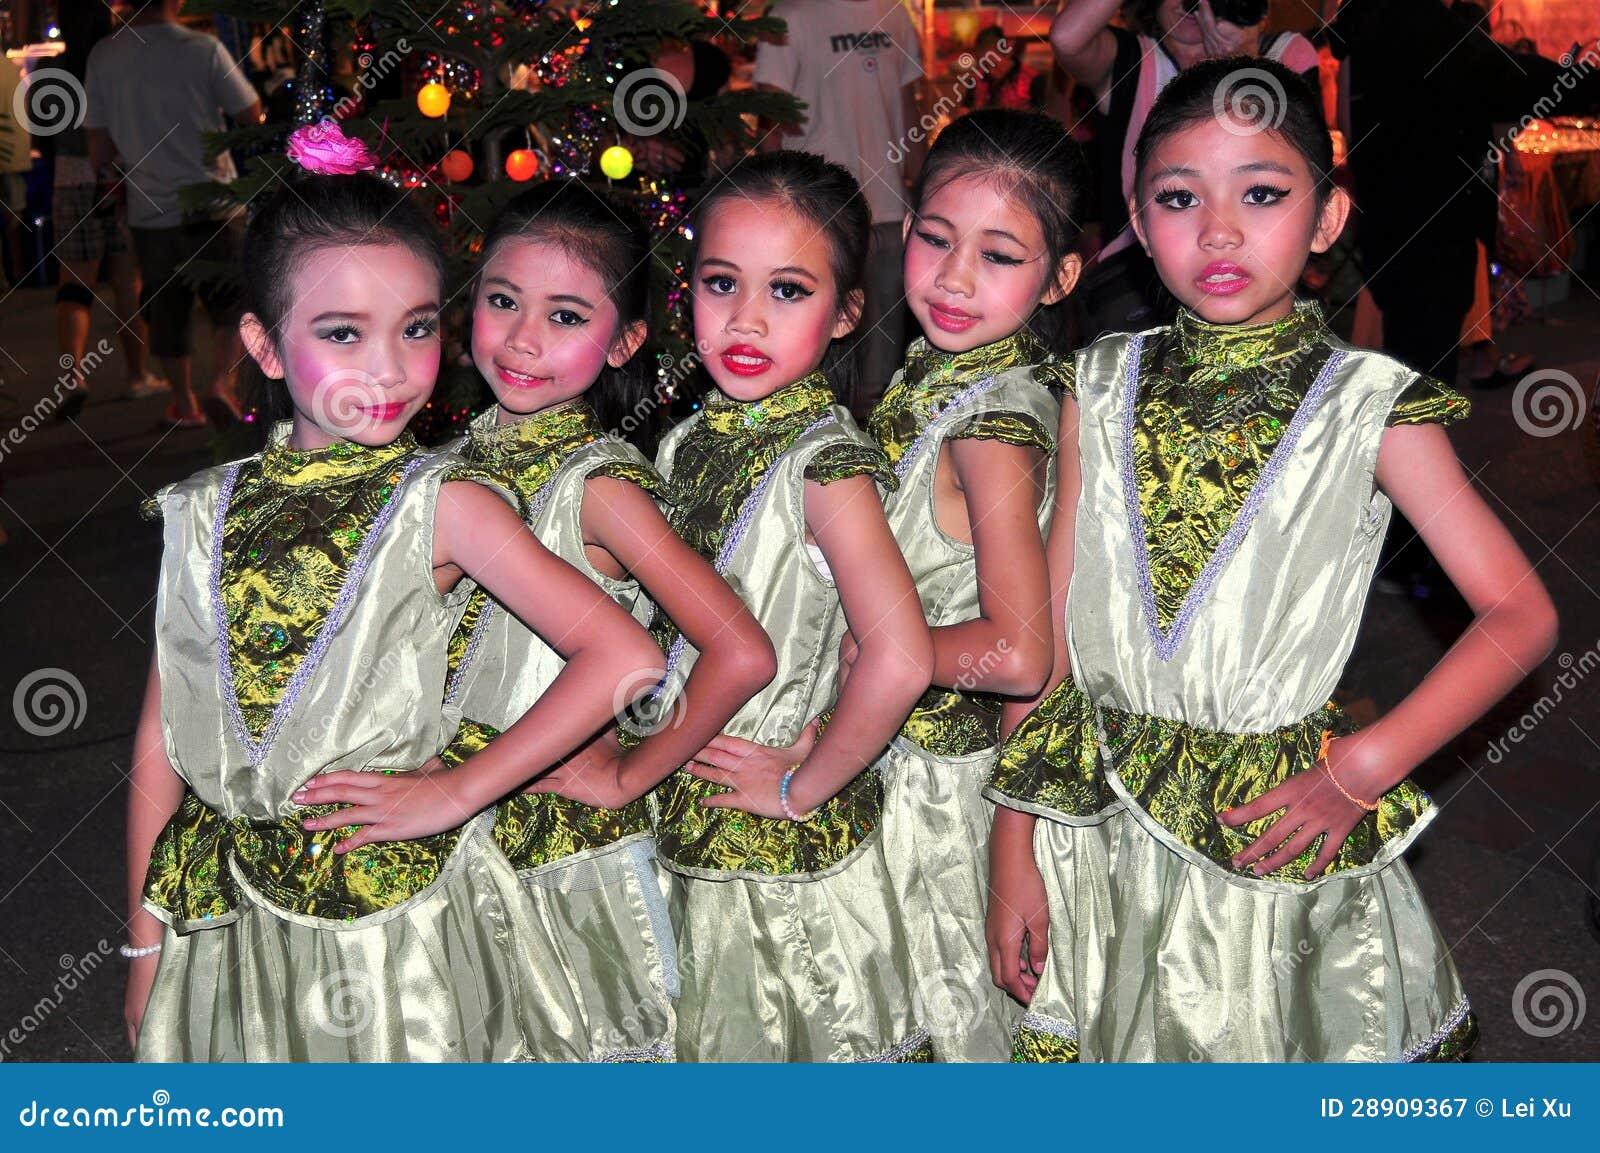 thai girls in thailand